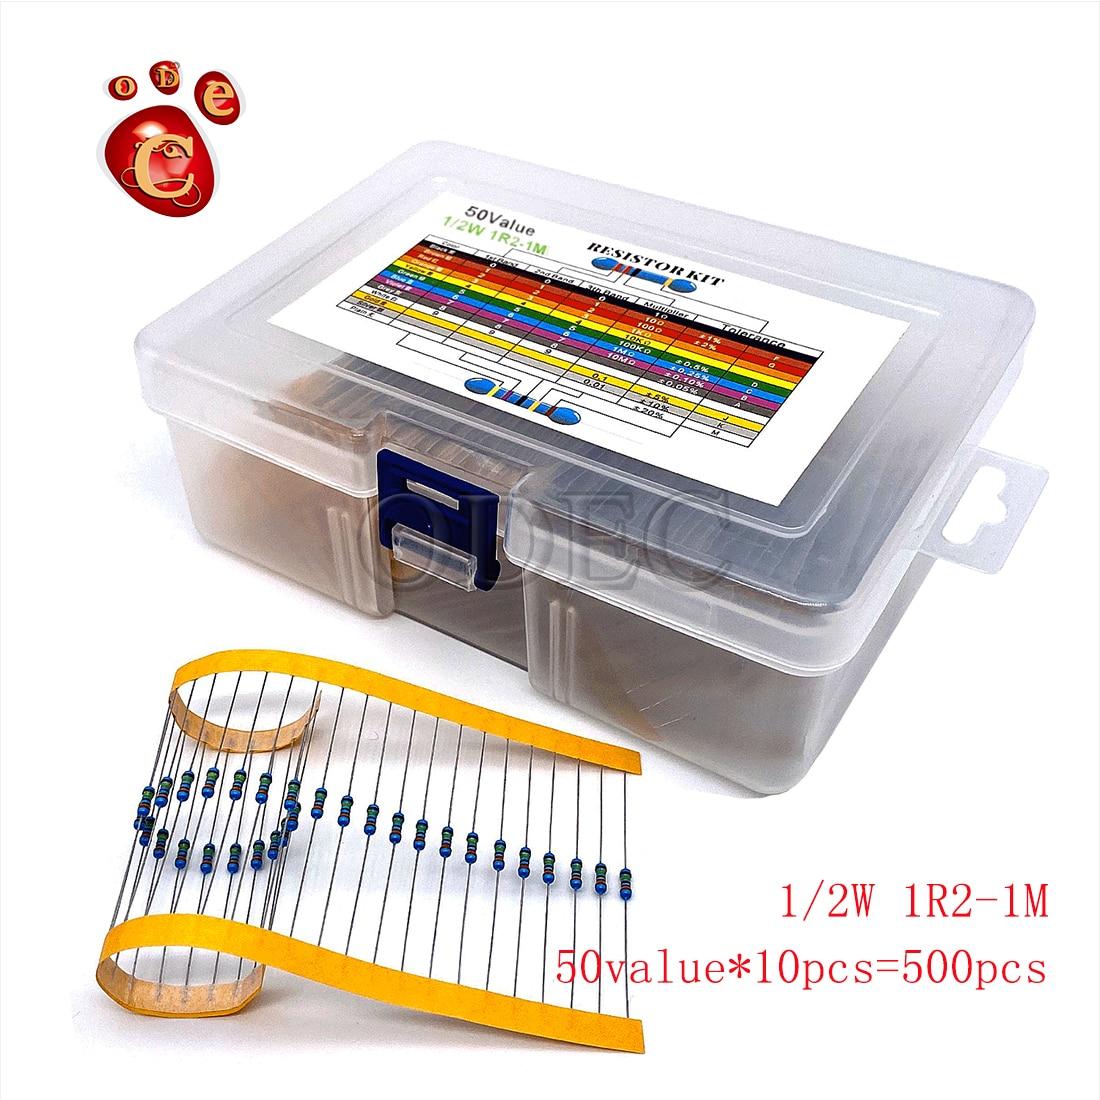 1/2W metal film resistance pack 1.2R-1M 50value*10=500pcs